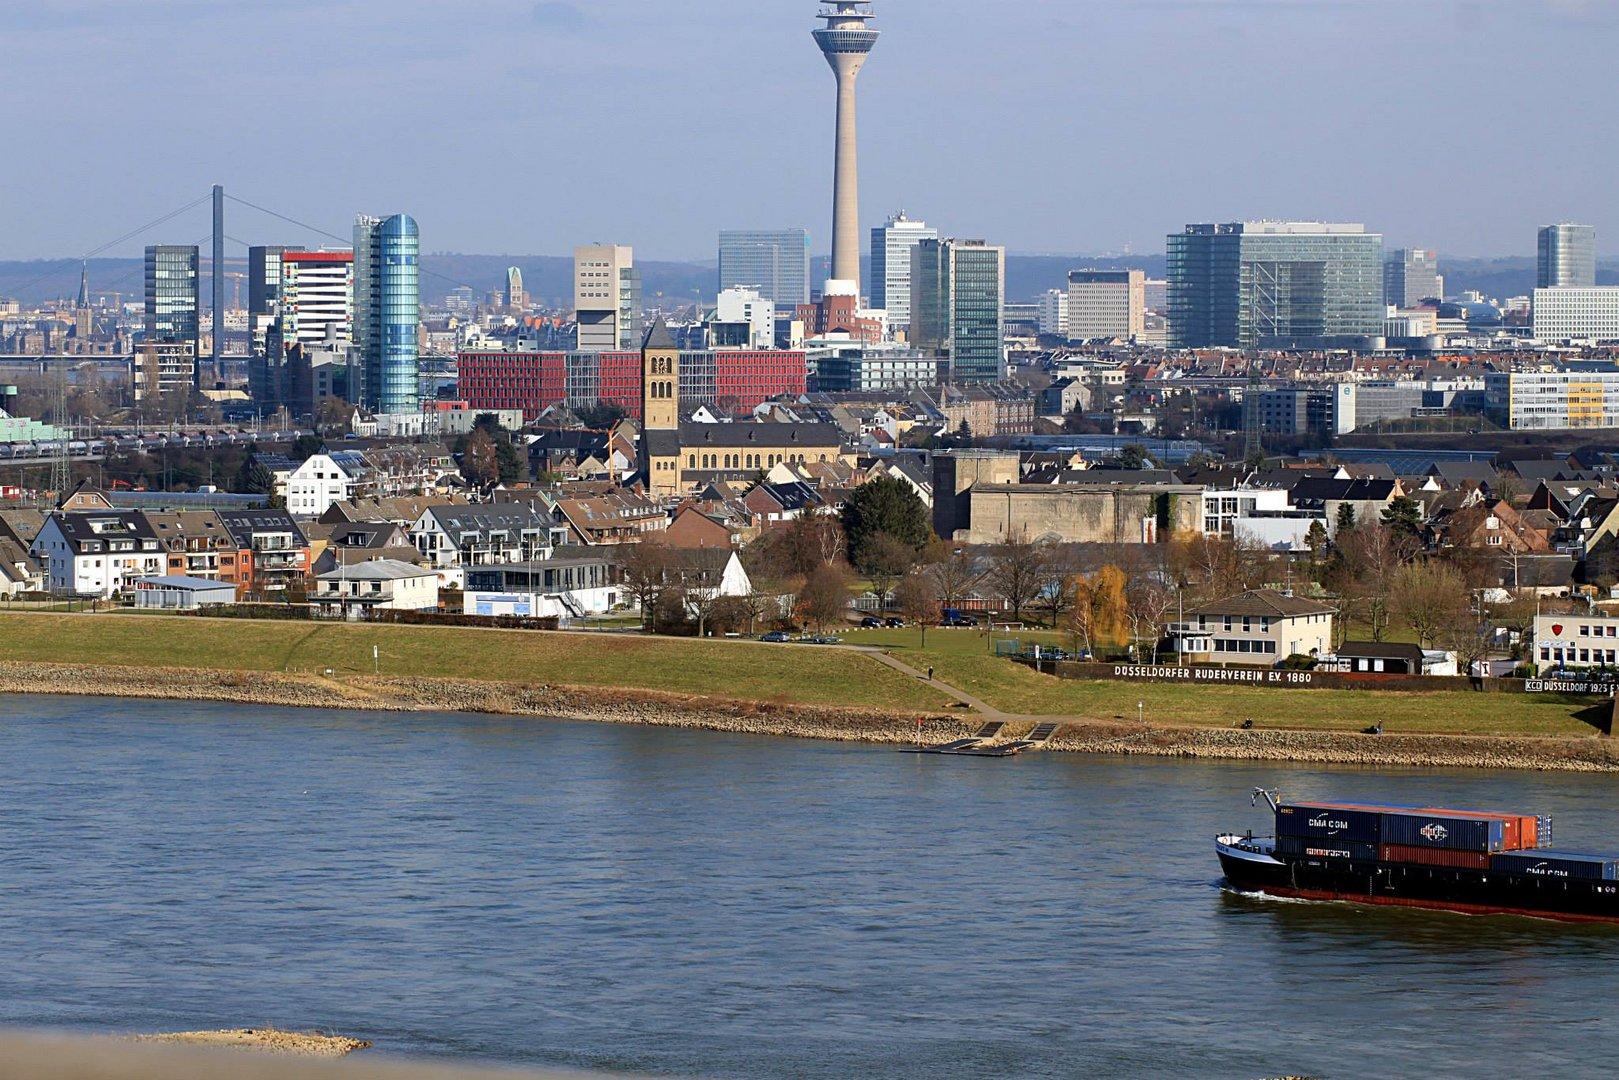 d sseldorf skyline foto bild deutschland europe nordrhein westfalen bilder auf fotocommunity. Black Bedroom Furniture Sets. Home Design Ideas